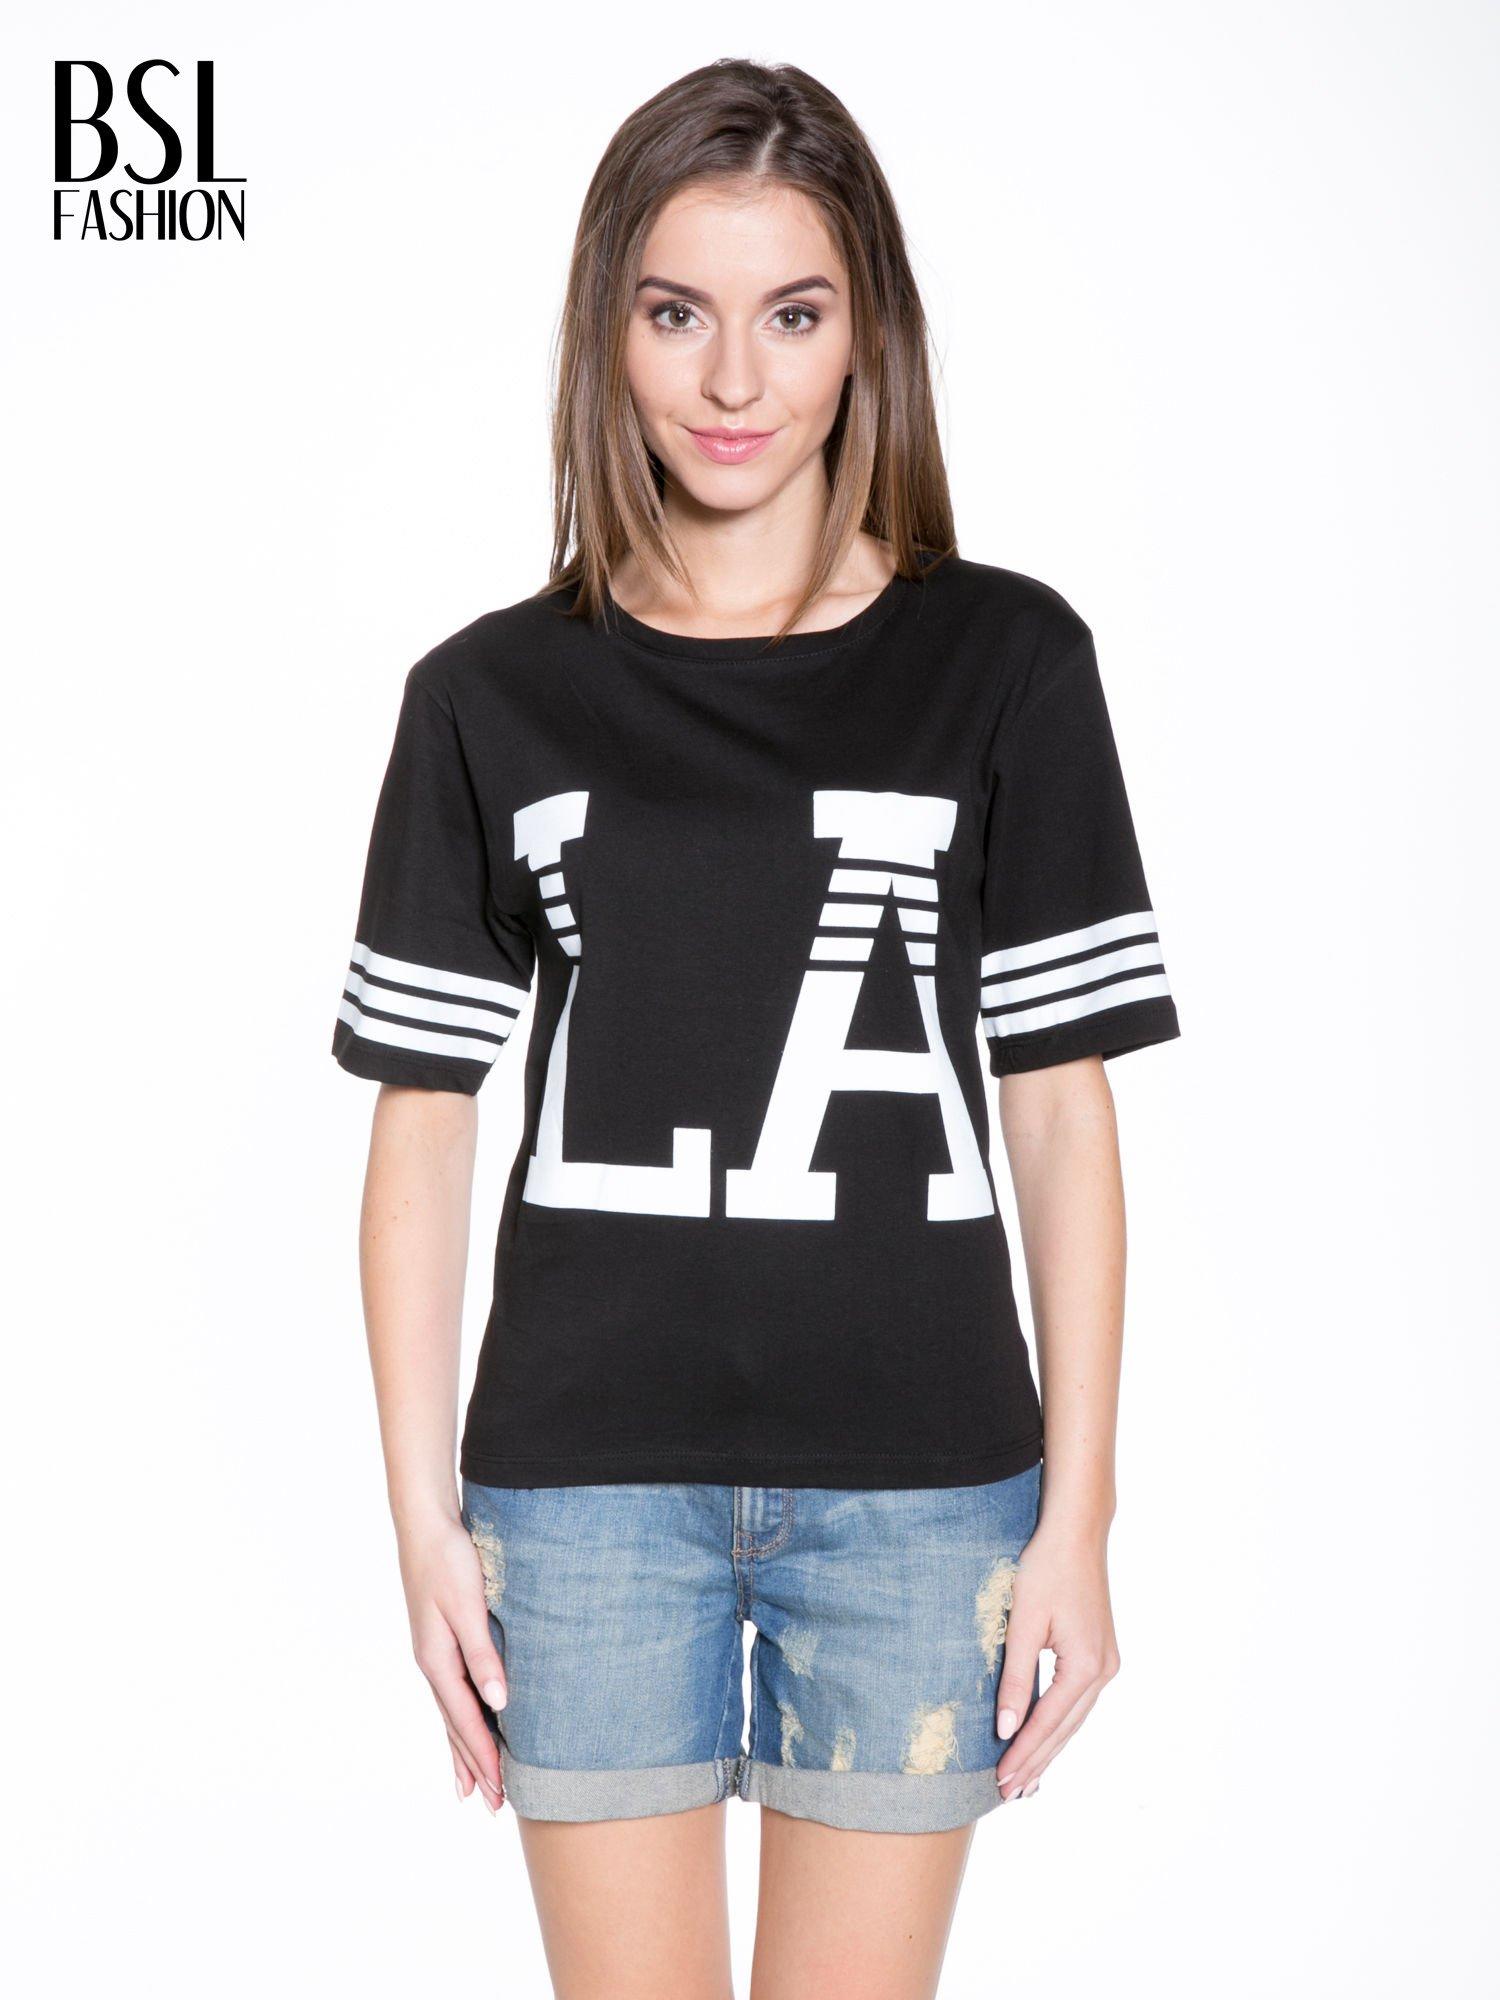 Czarny t-shirt z nadrukiem LA w baseballowym stylu                                  zdj.                                  1